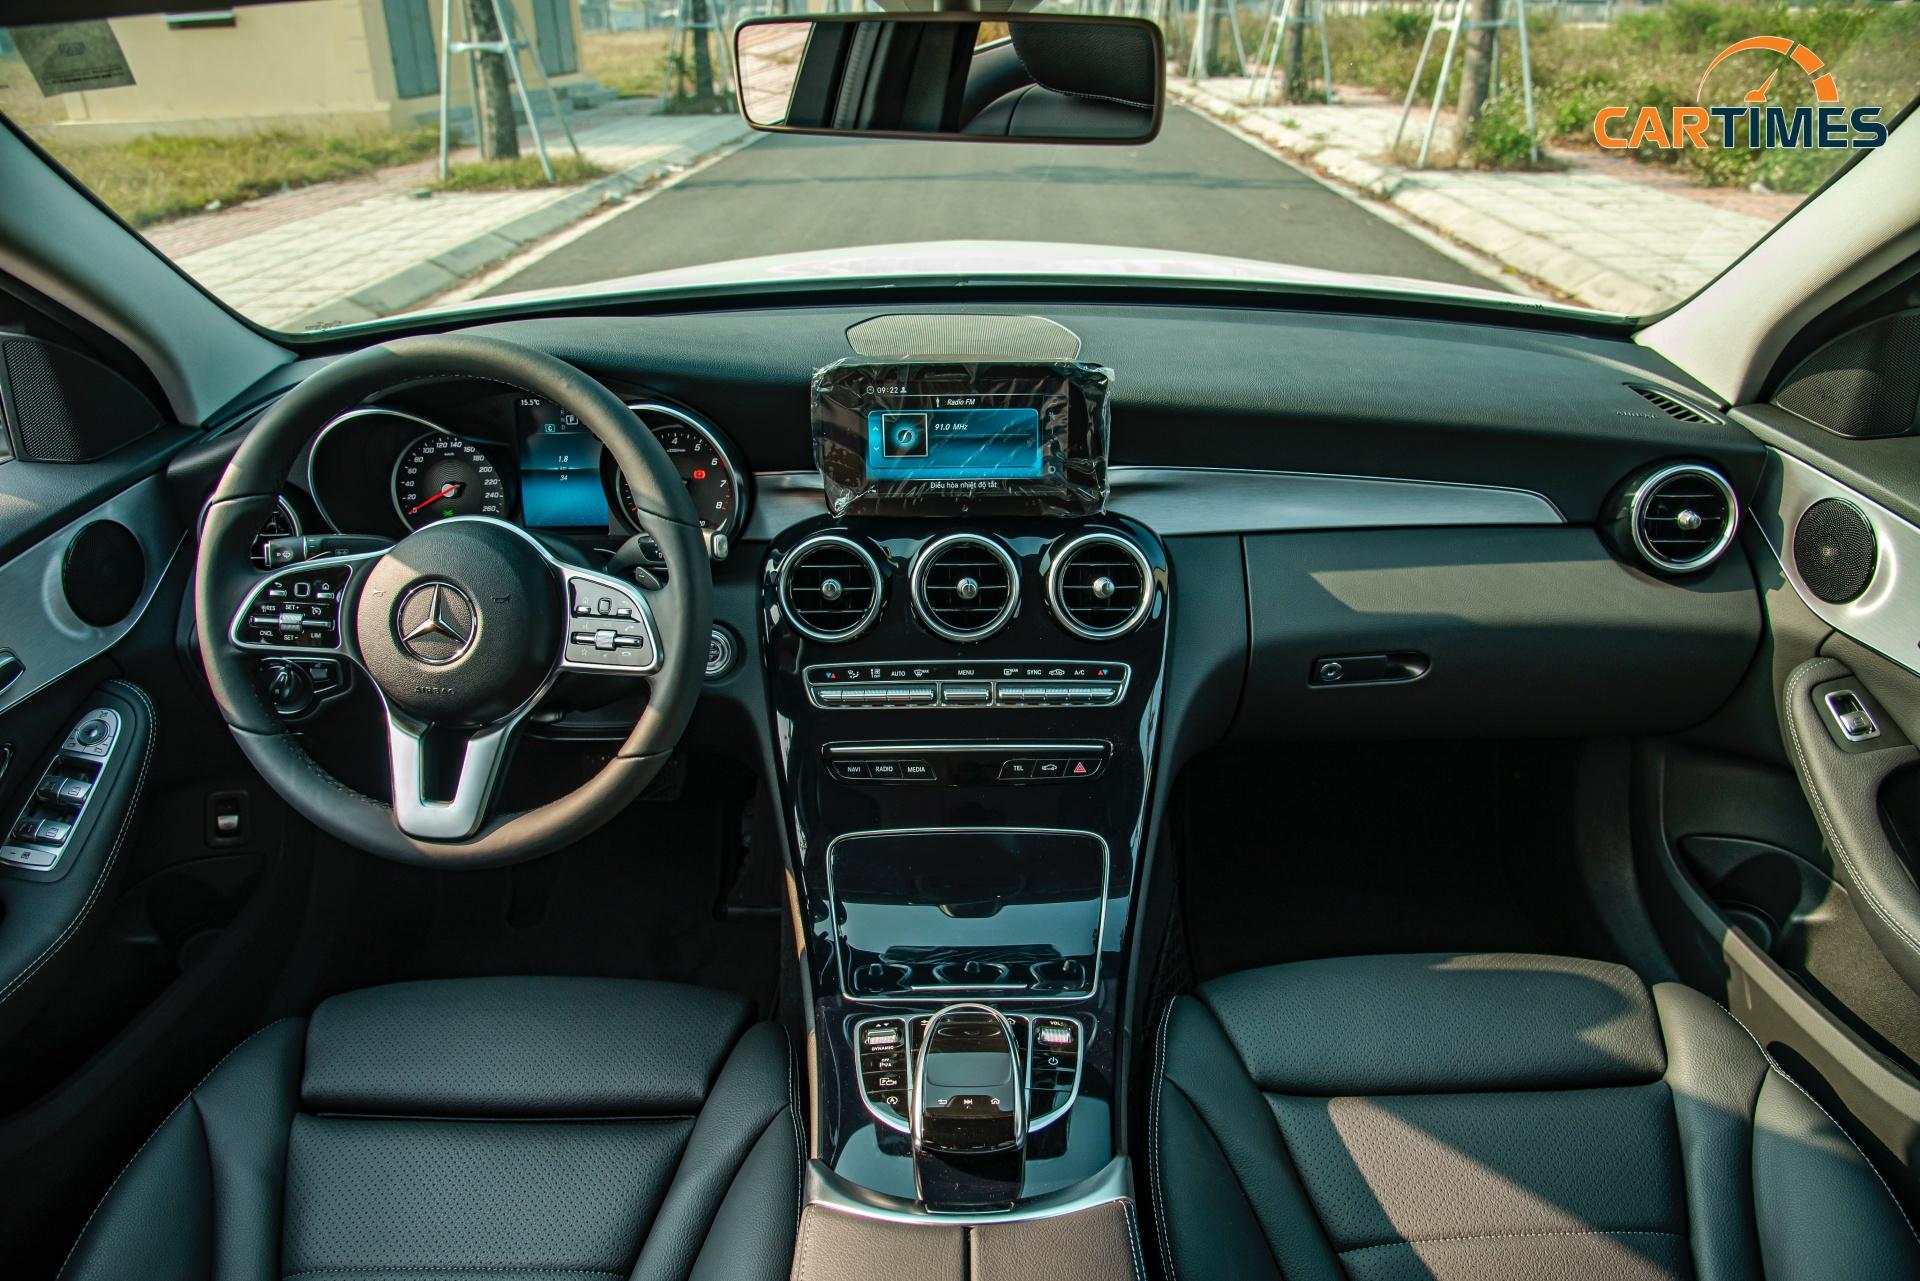 Còn mới tinh tươm, ODO chưa qua 50 km, Mercedes-Benz C 180 2020 đã được rao bán trên thị trường xe cũ -6